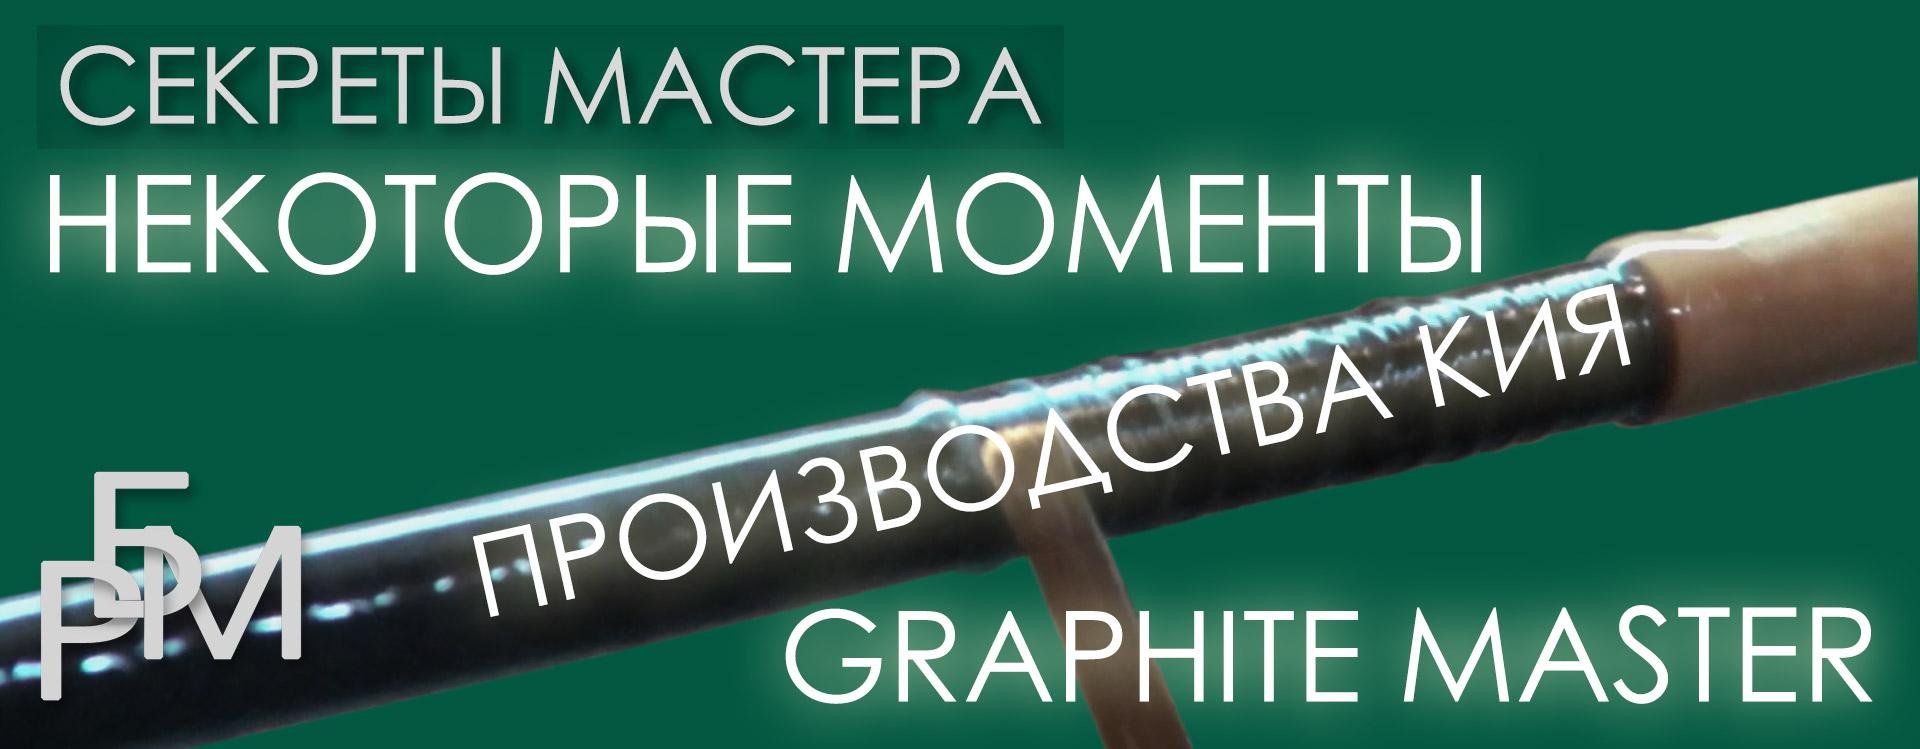 Некоторые моменты производства кия Graphite Master